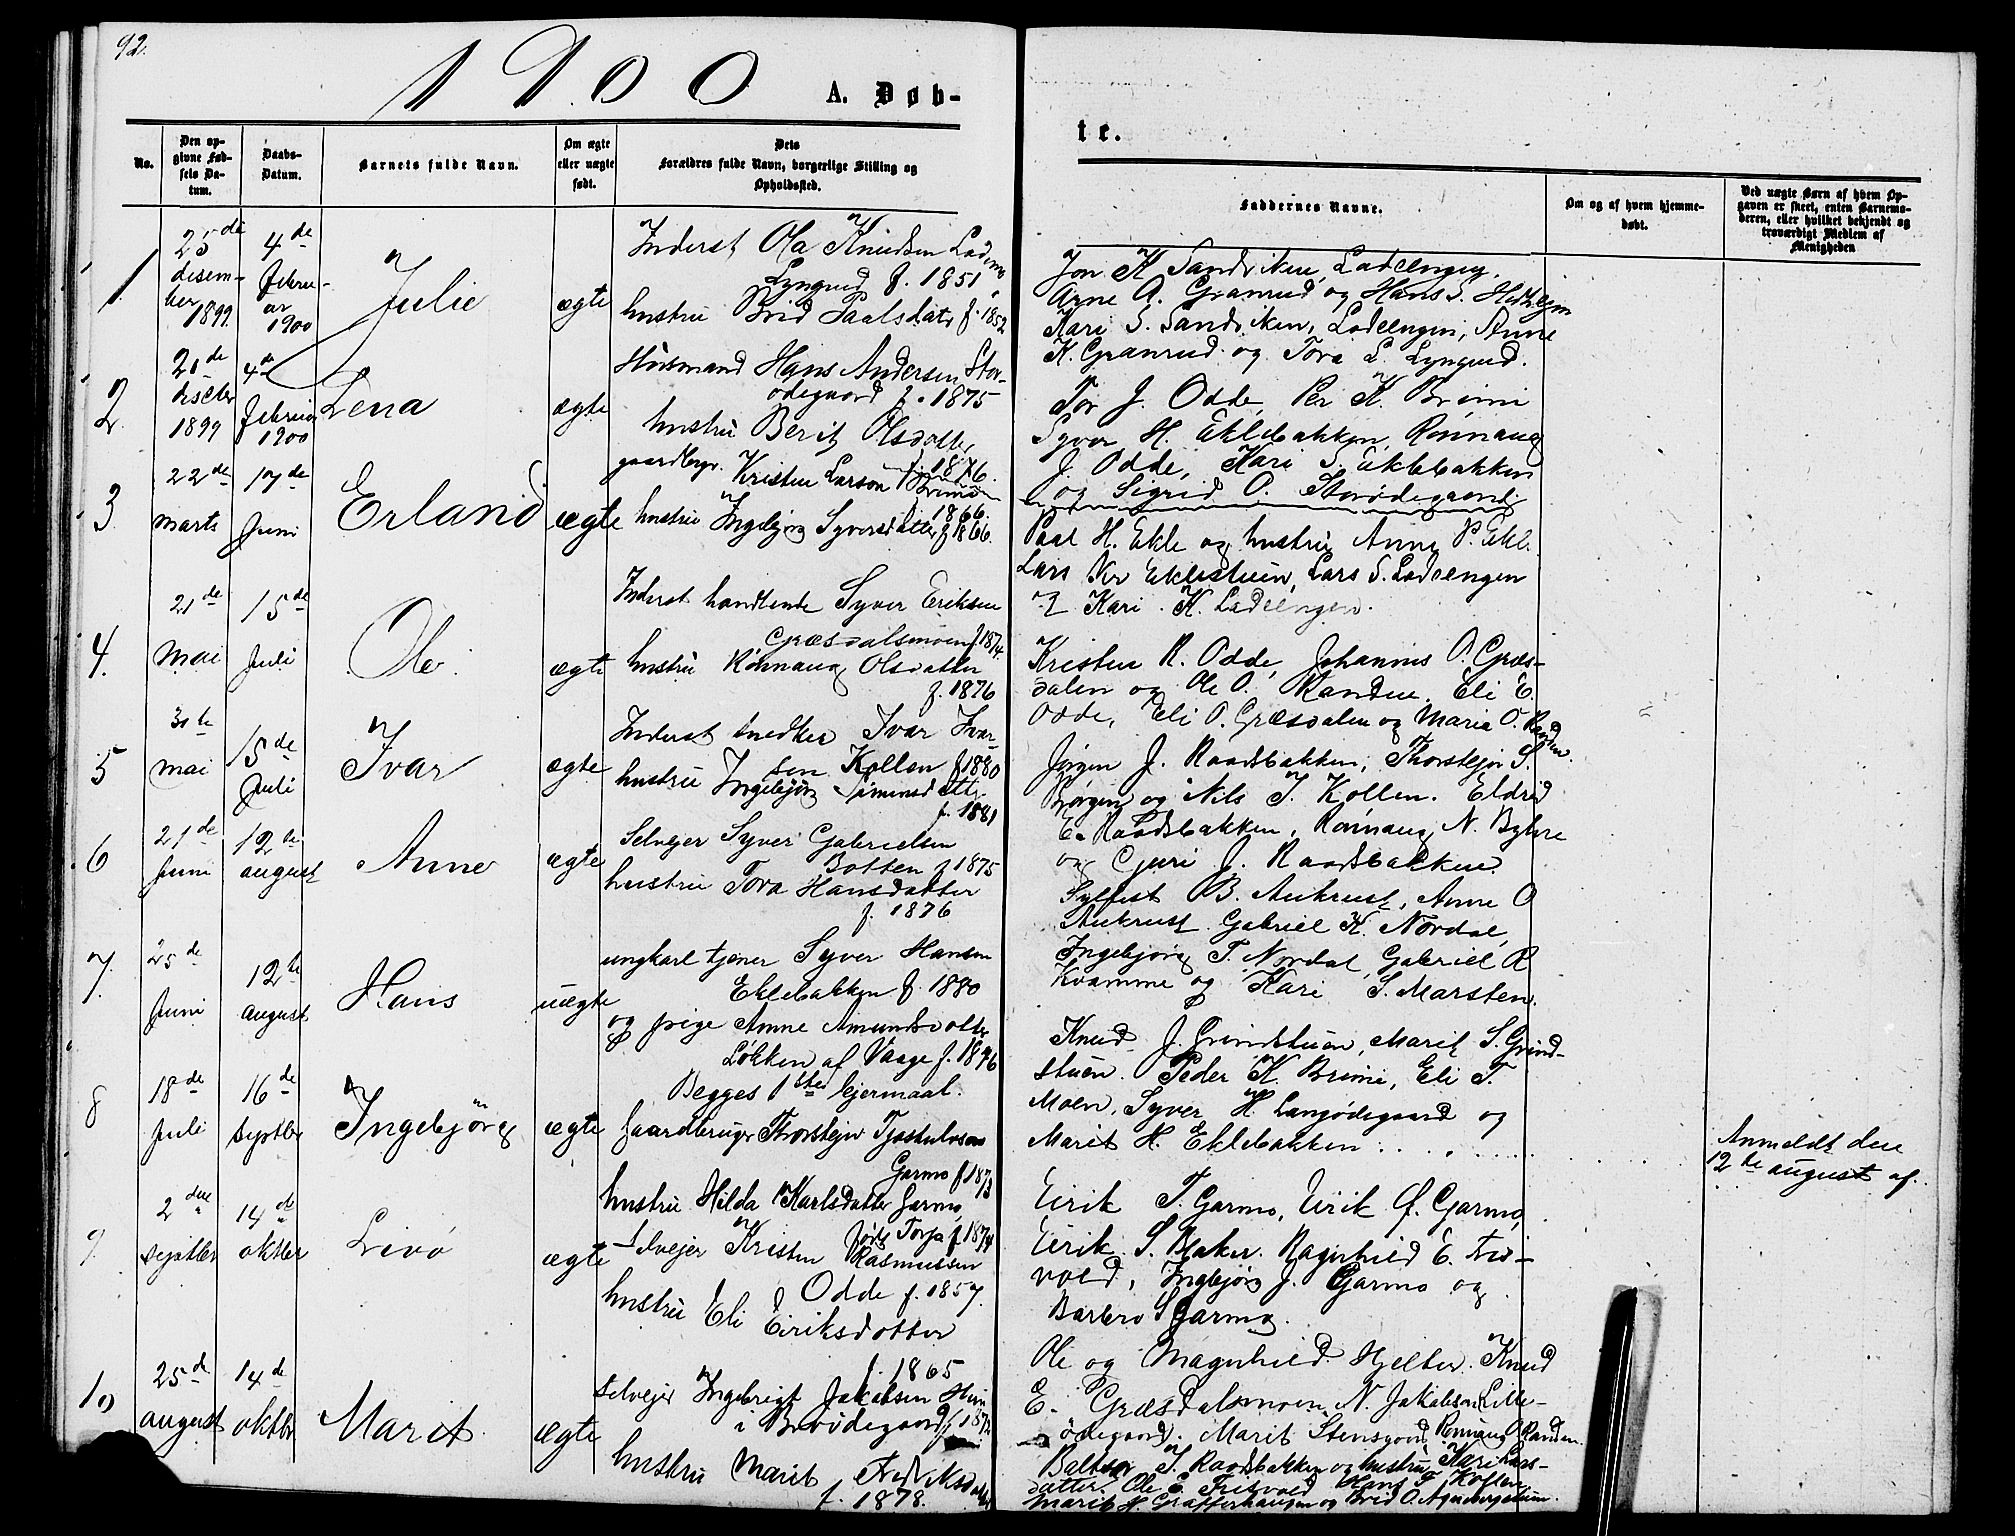 SAH, Lom prestekontor, L/L0005: Klokkerbok nr. 5, 1876-1901, s. 92-93